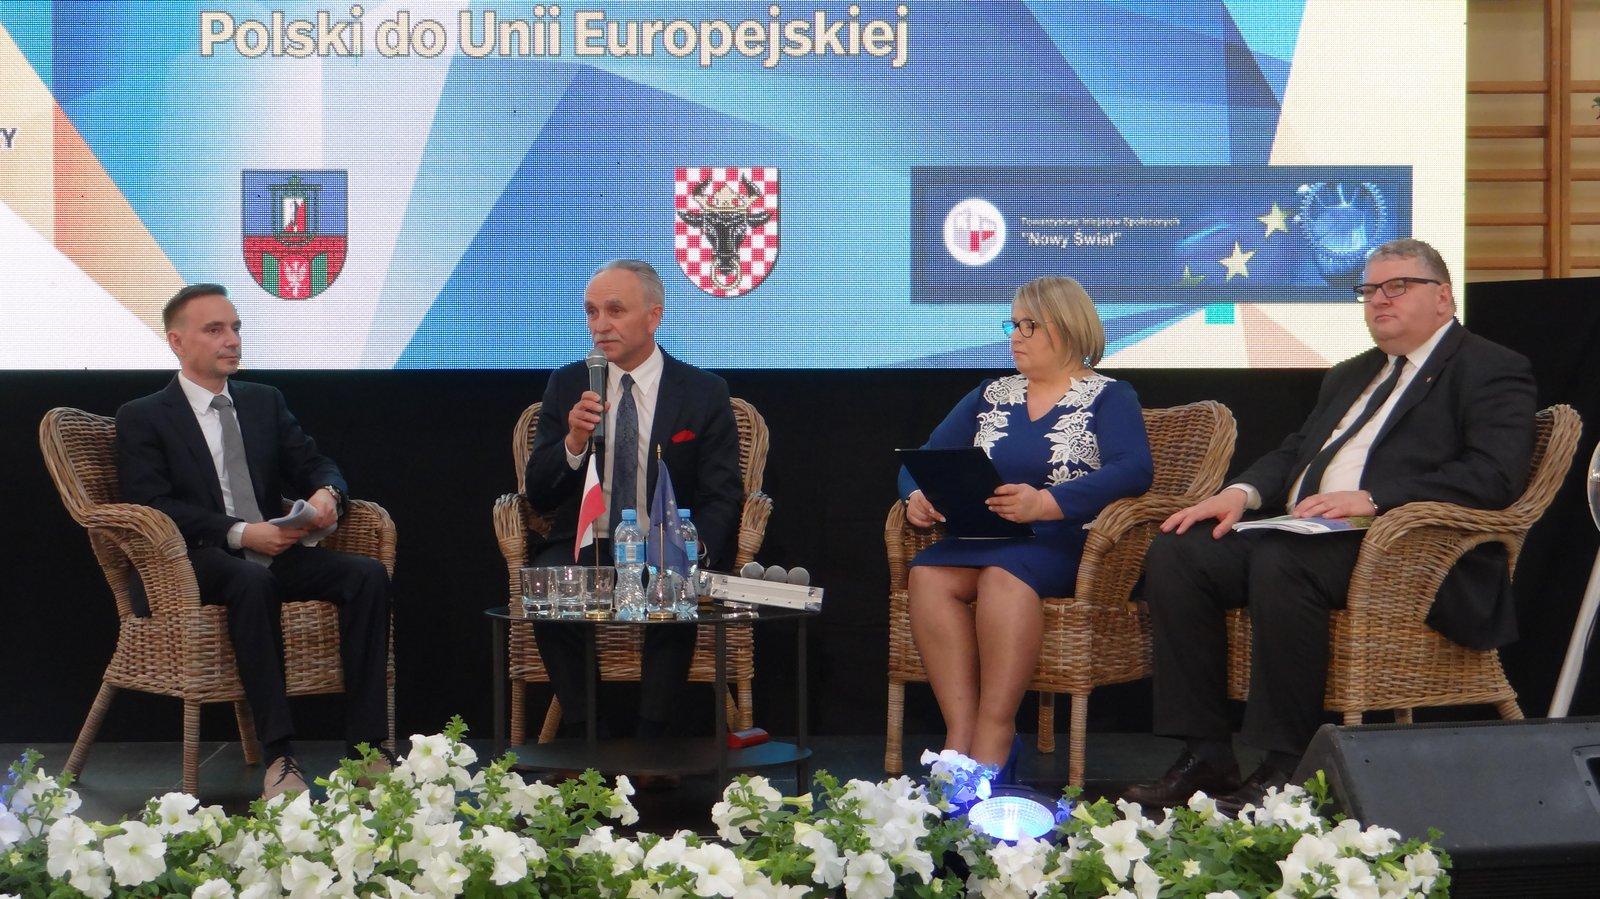 dsc09490 - Wielkopolska zaradność i pracowitość doceniona na Forum Wielkopolskiej Wsi Europejskiej